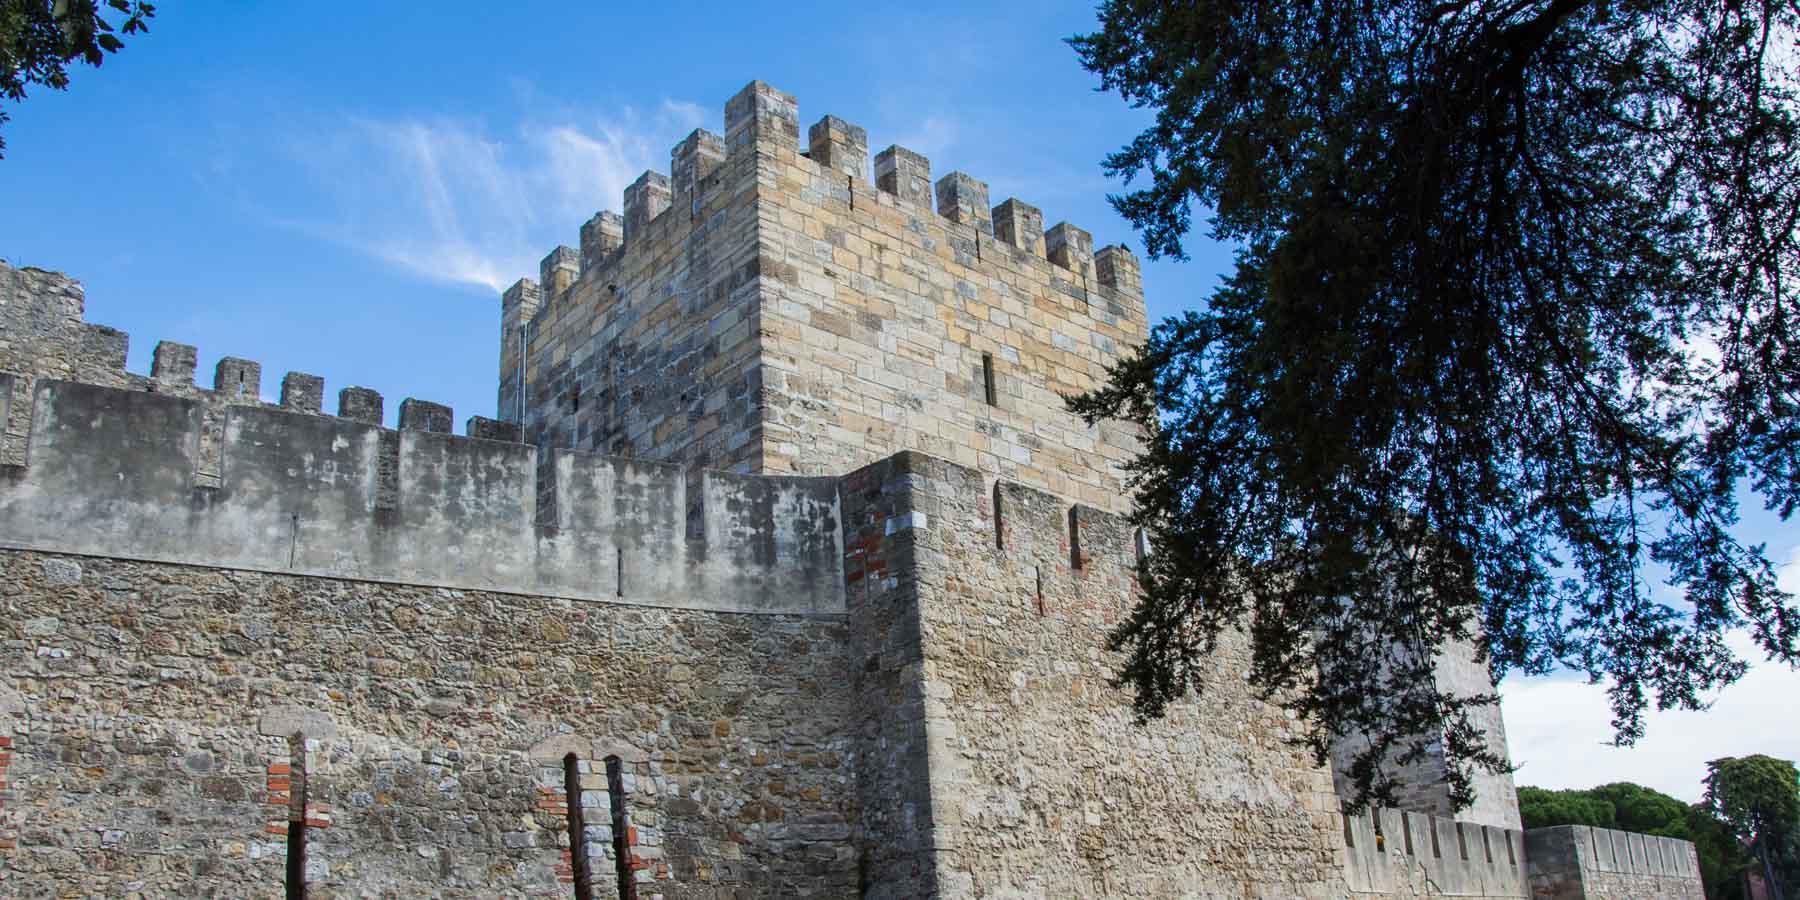 Lisbon's Castelo de S. Jorge.